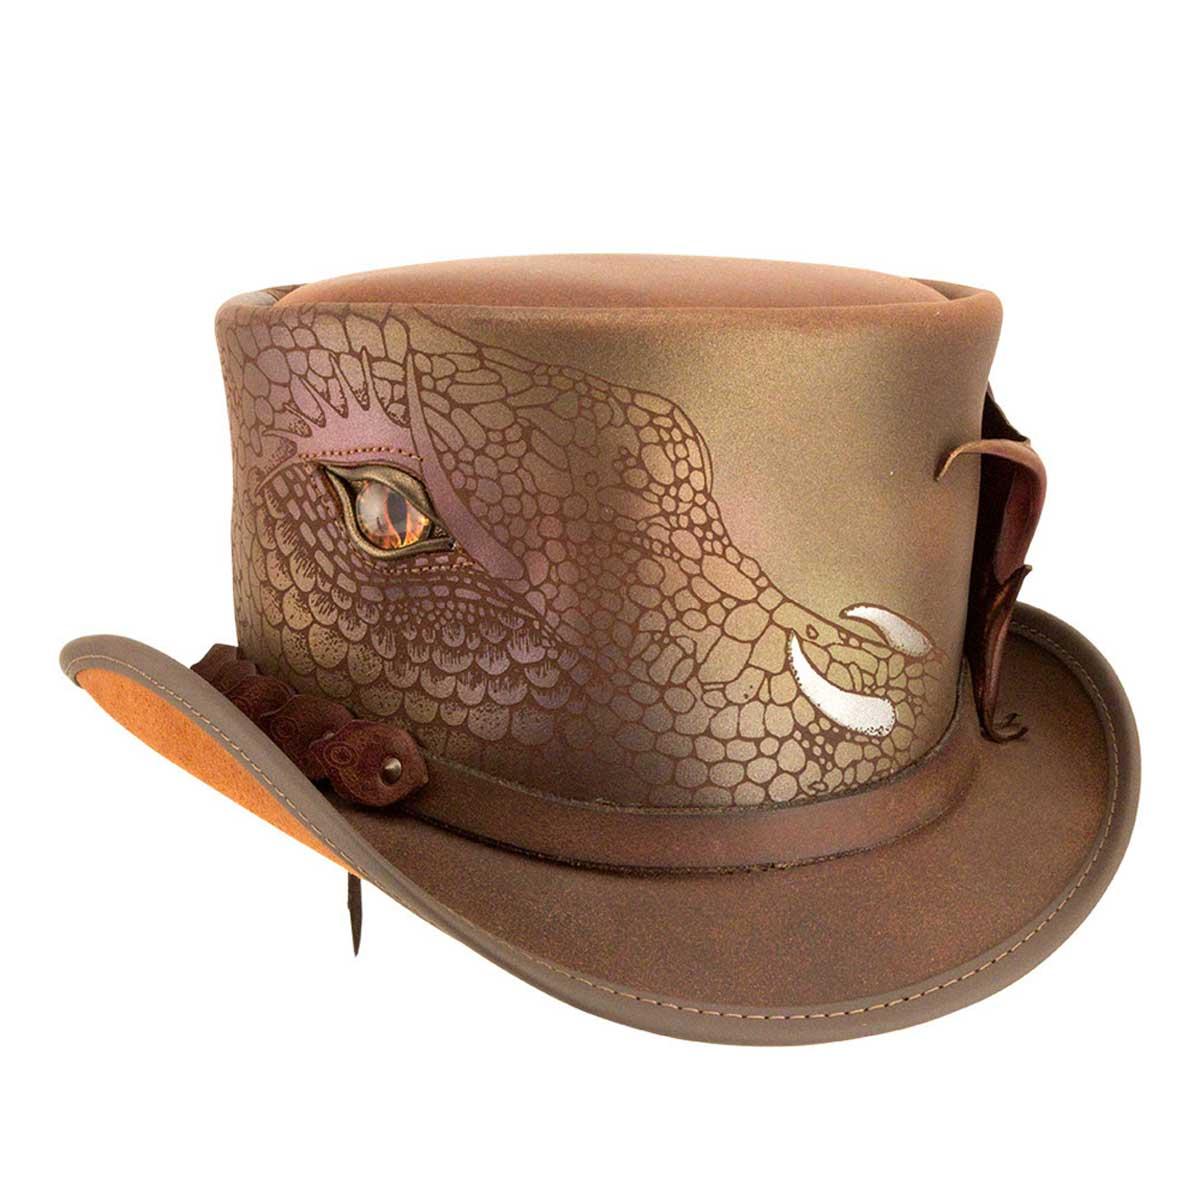 スチームパンク 帽子 HEAD'N HOME Doraco / BROWN シルクハット トップハット